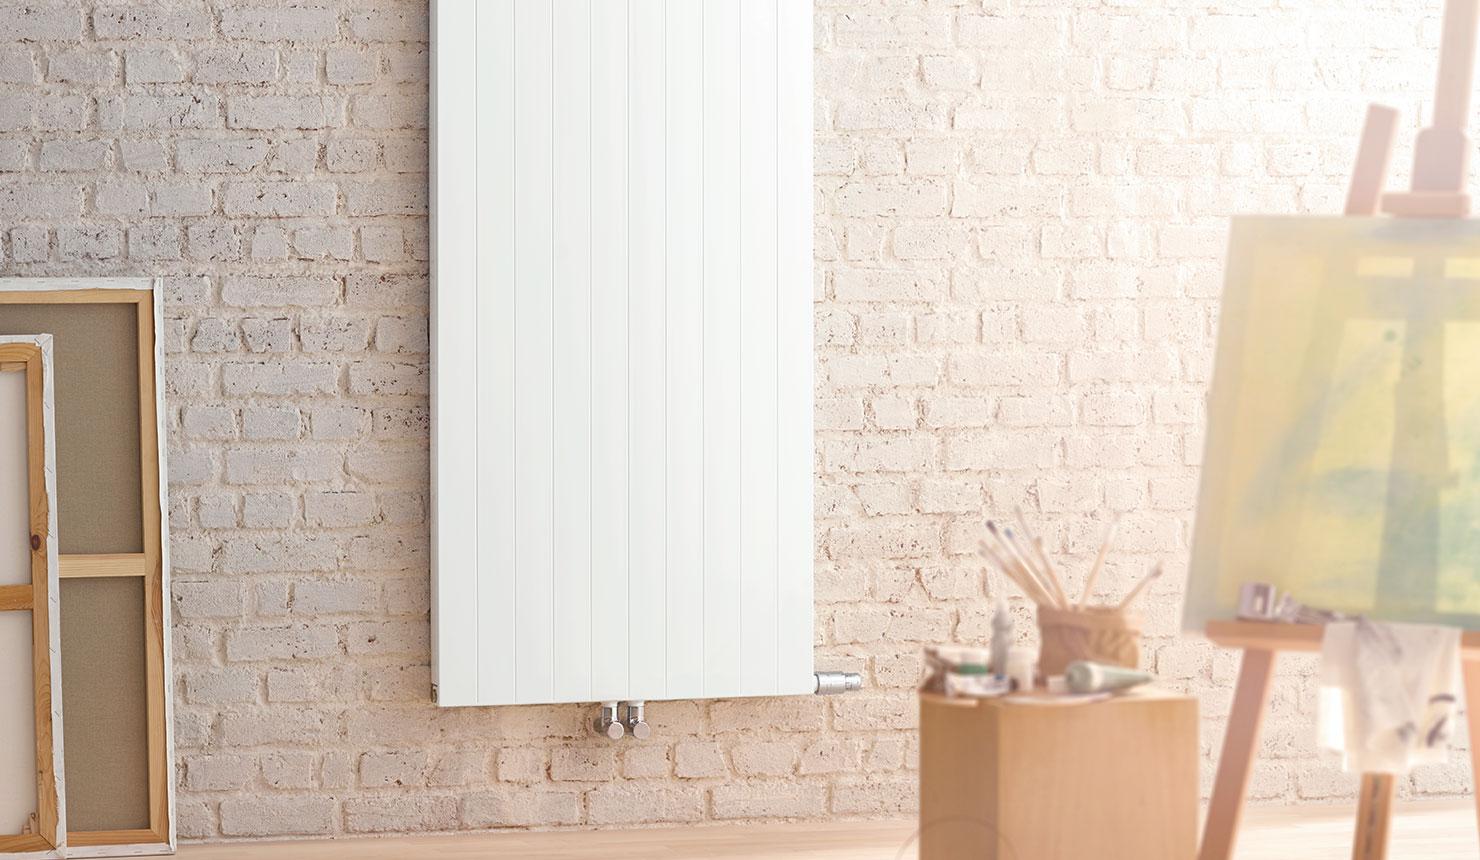 Full Size of Heizwnde Elegant Elektroheizkörper Bad Heizkörper Badezimmer Für Wohnzimmer Wohnzimmer Kermi Heizkörper